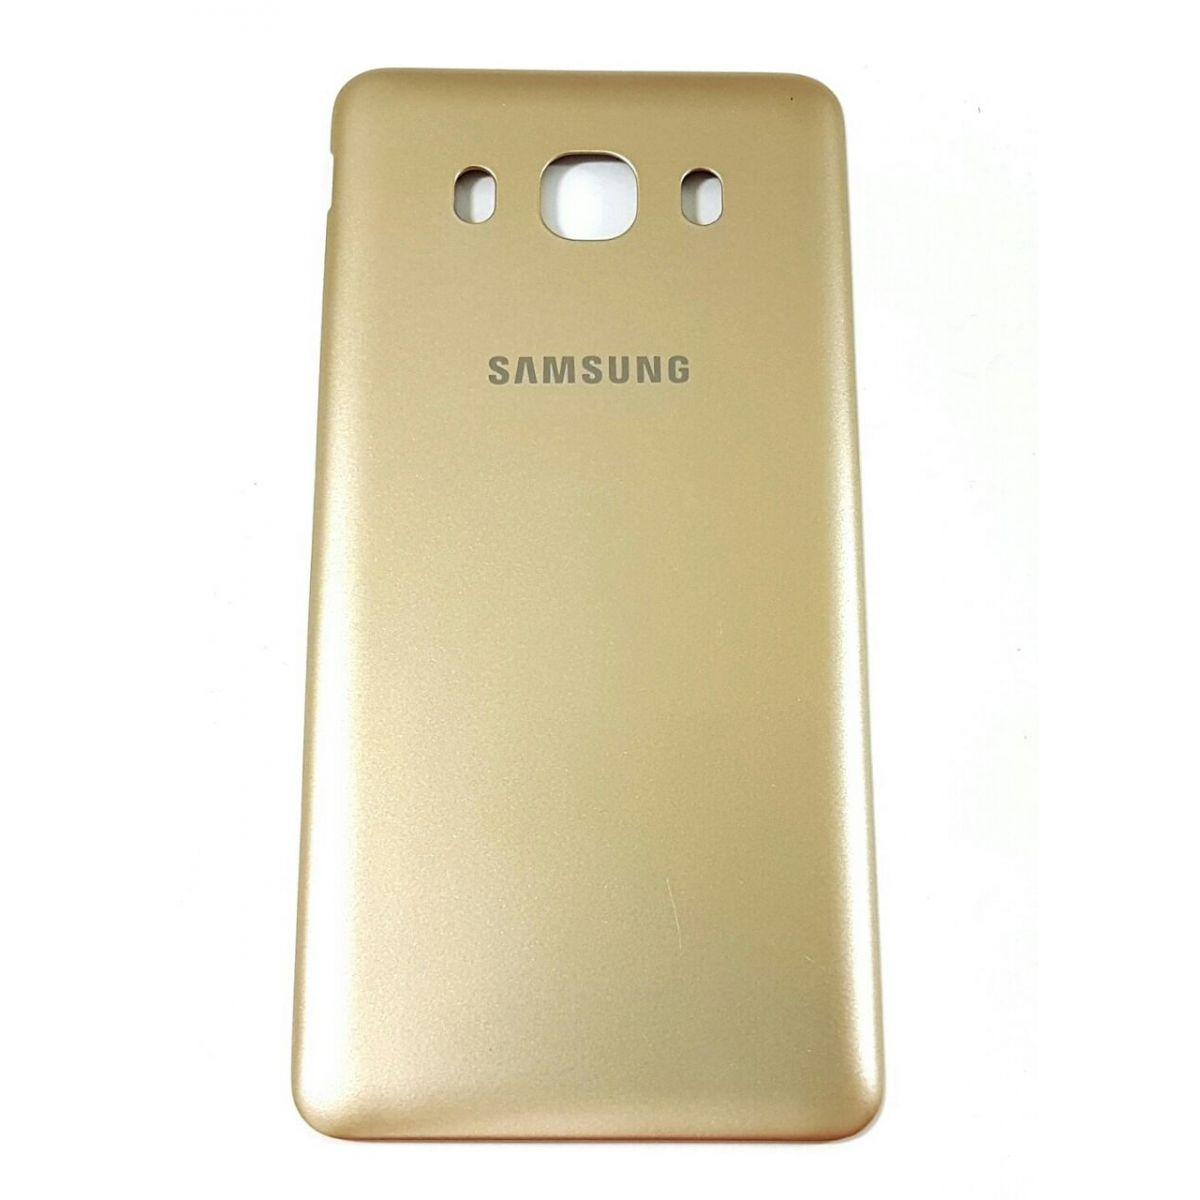 Tampa Bateria Samsung  J5 2016 Metal SM-J510 Dourado Gold